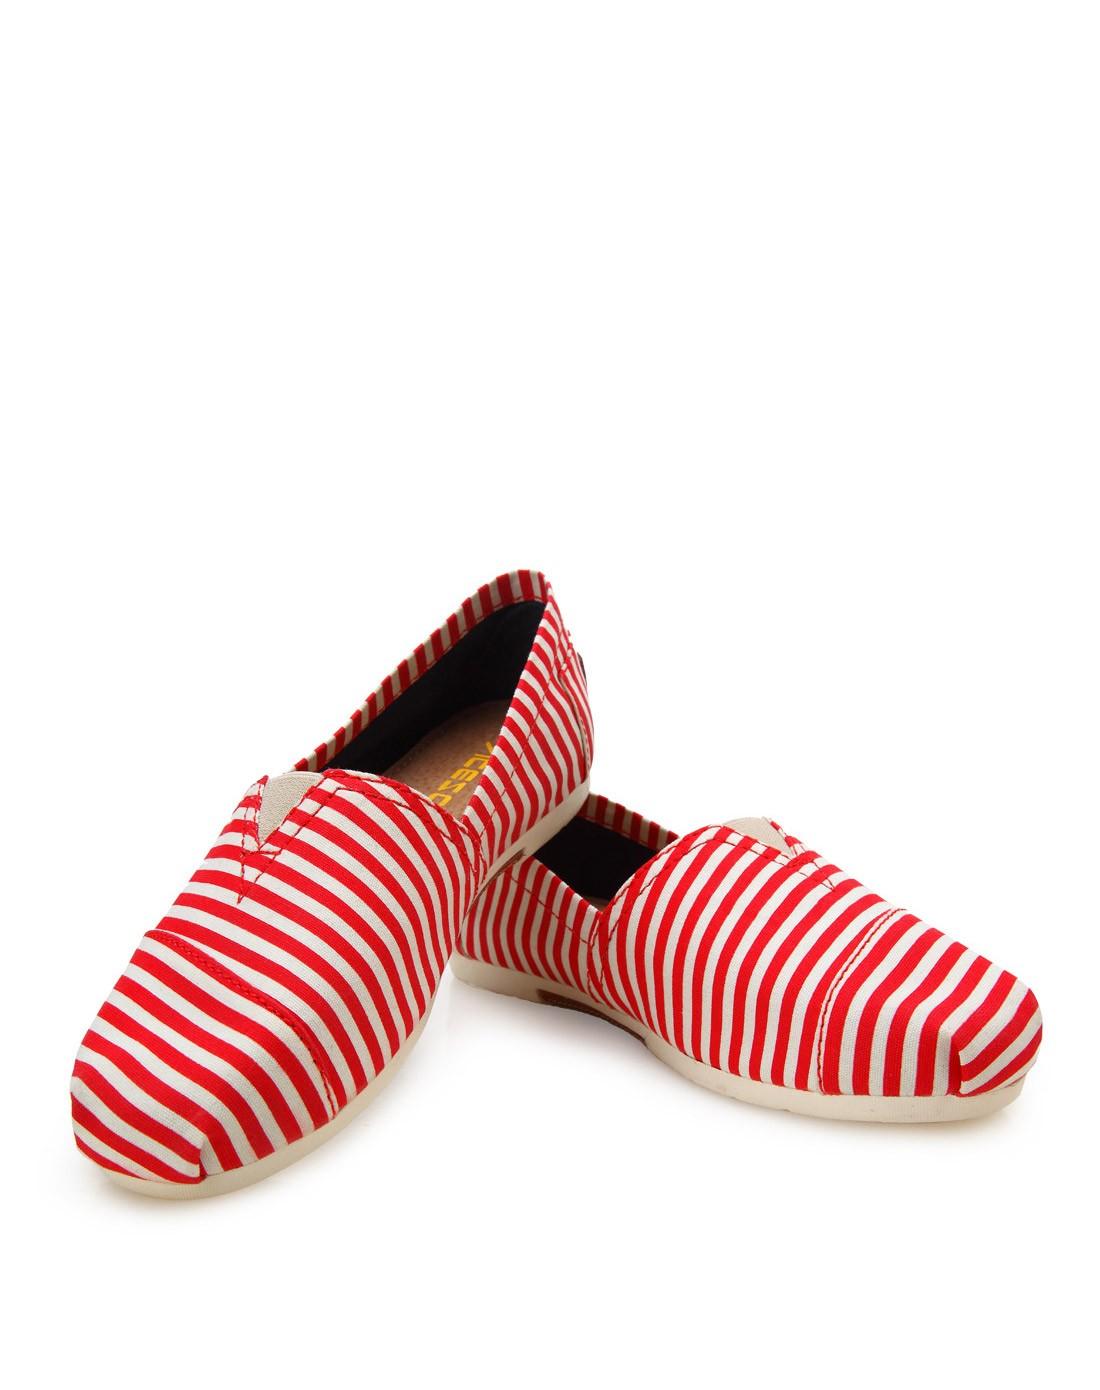 艾斯臣acesc67红白条纹帆布鞋a13cf2101hb